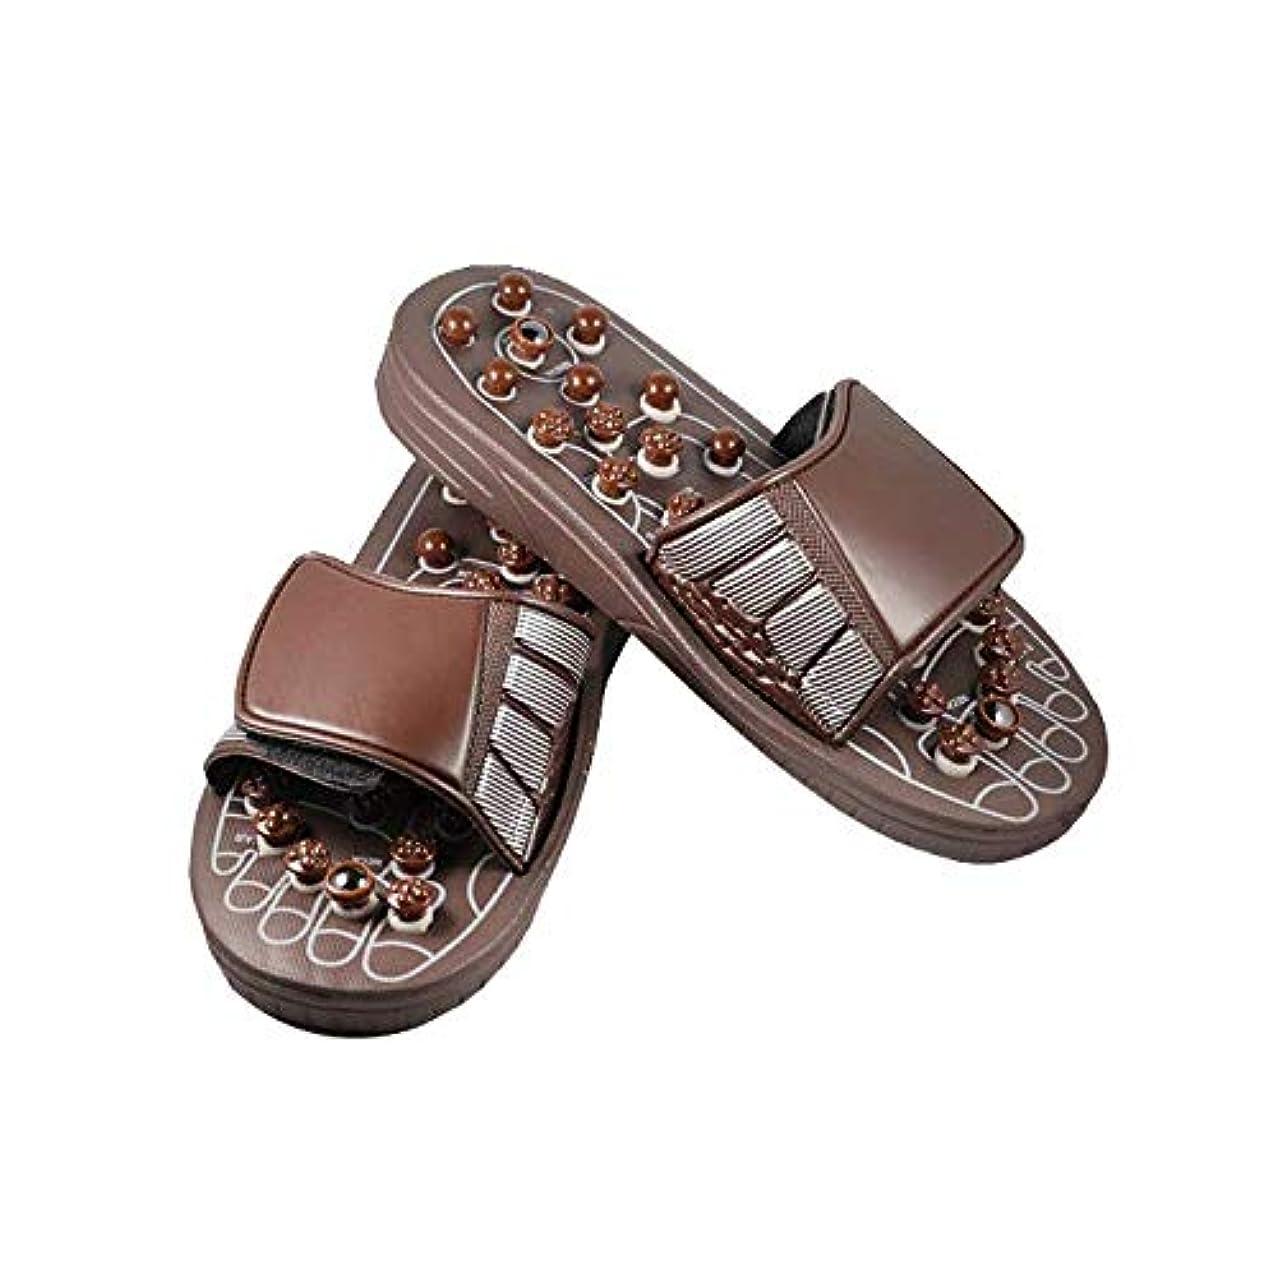 承認死傷者アブストラクトEuphoric Feet 男性と女性のためのマッサージスリッパ足リフレクソロジー指圧サンダルの靴の救済痛み (M)